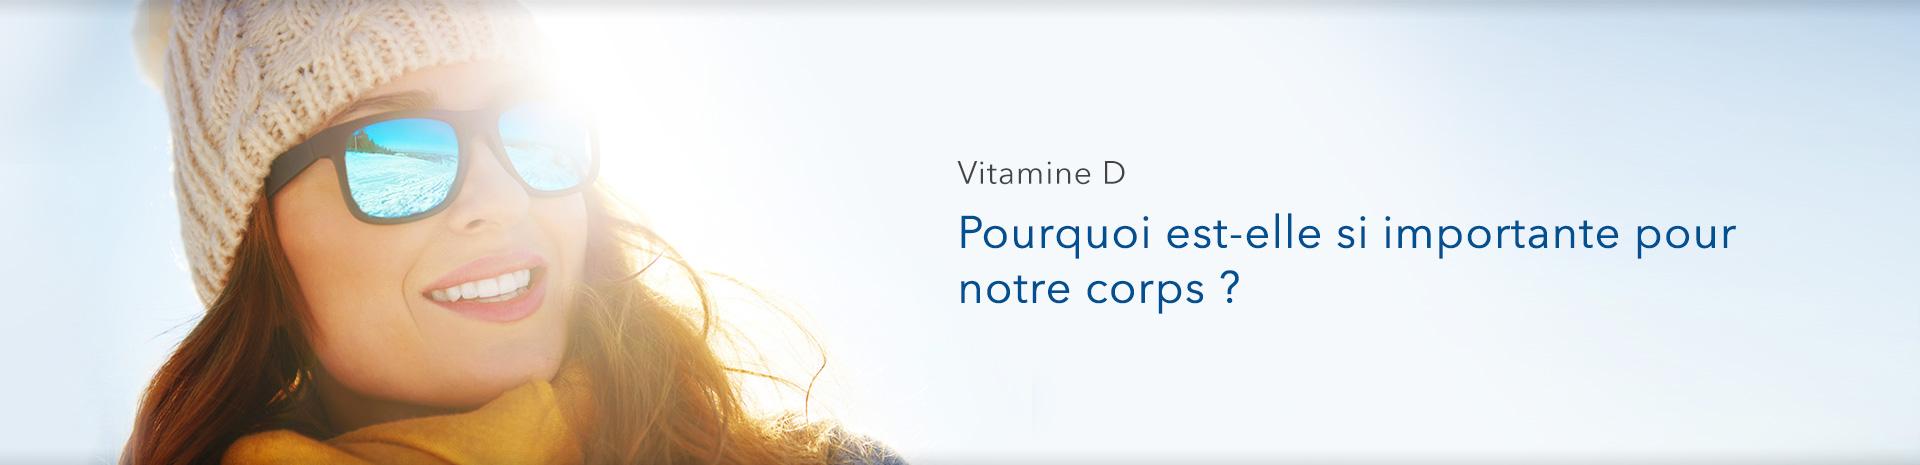 Vitamine D : pourquoi est-elle si importante pour notre corps ?